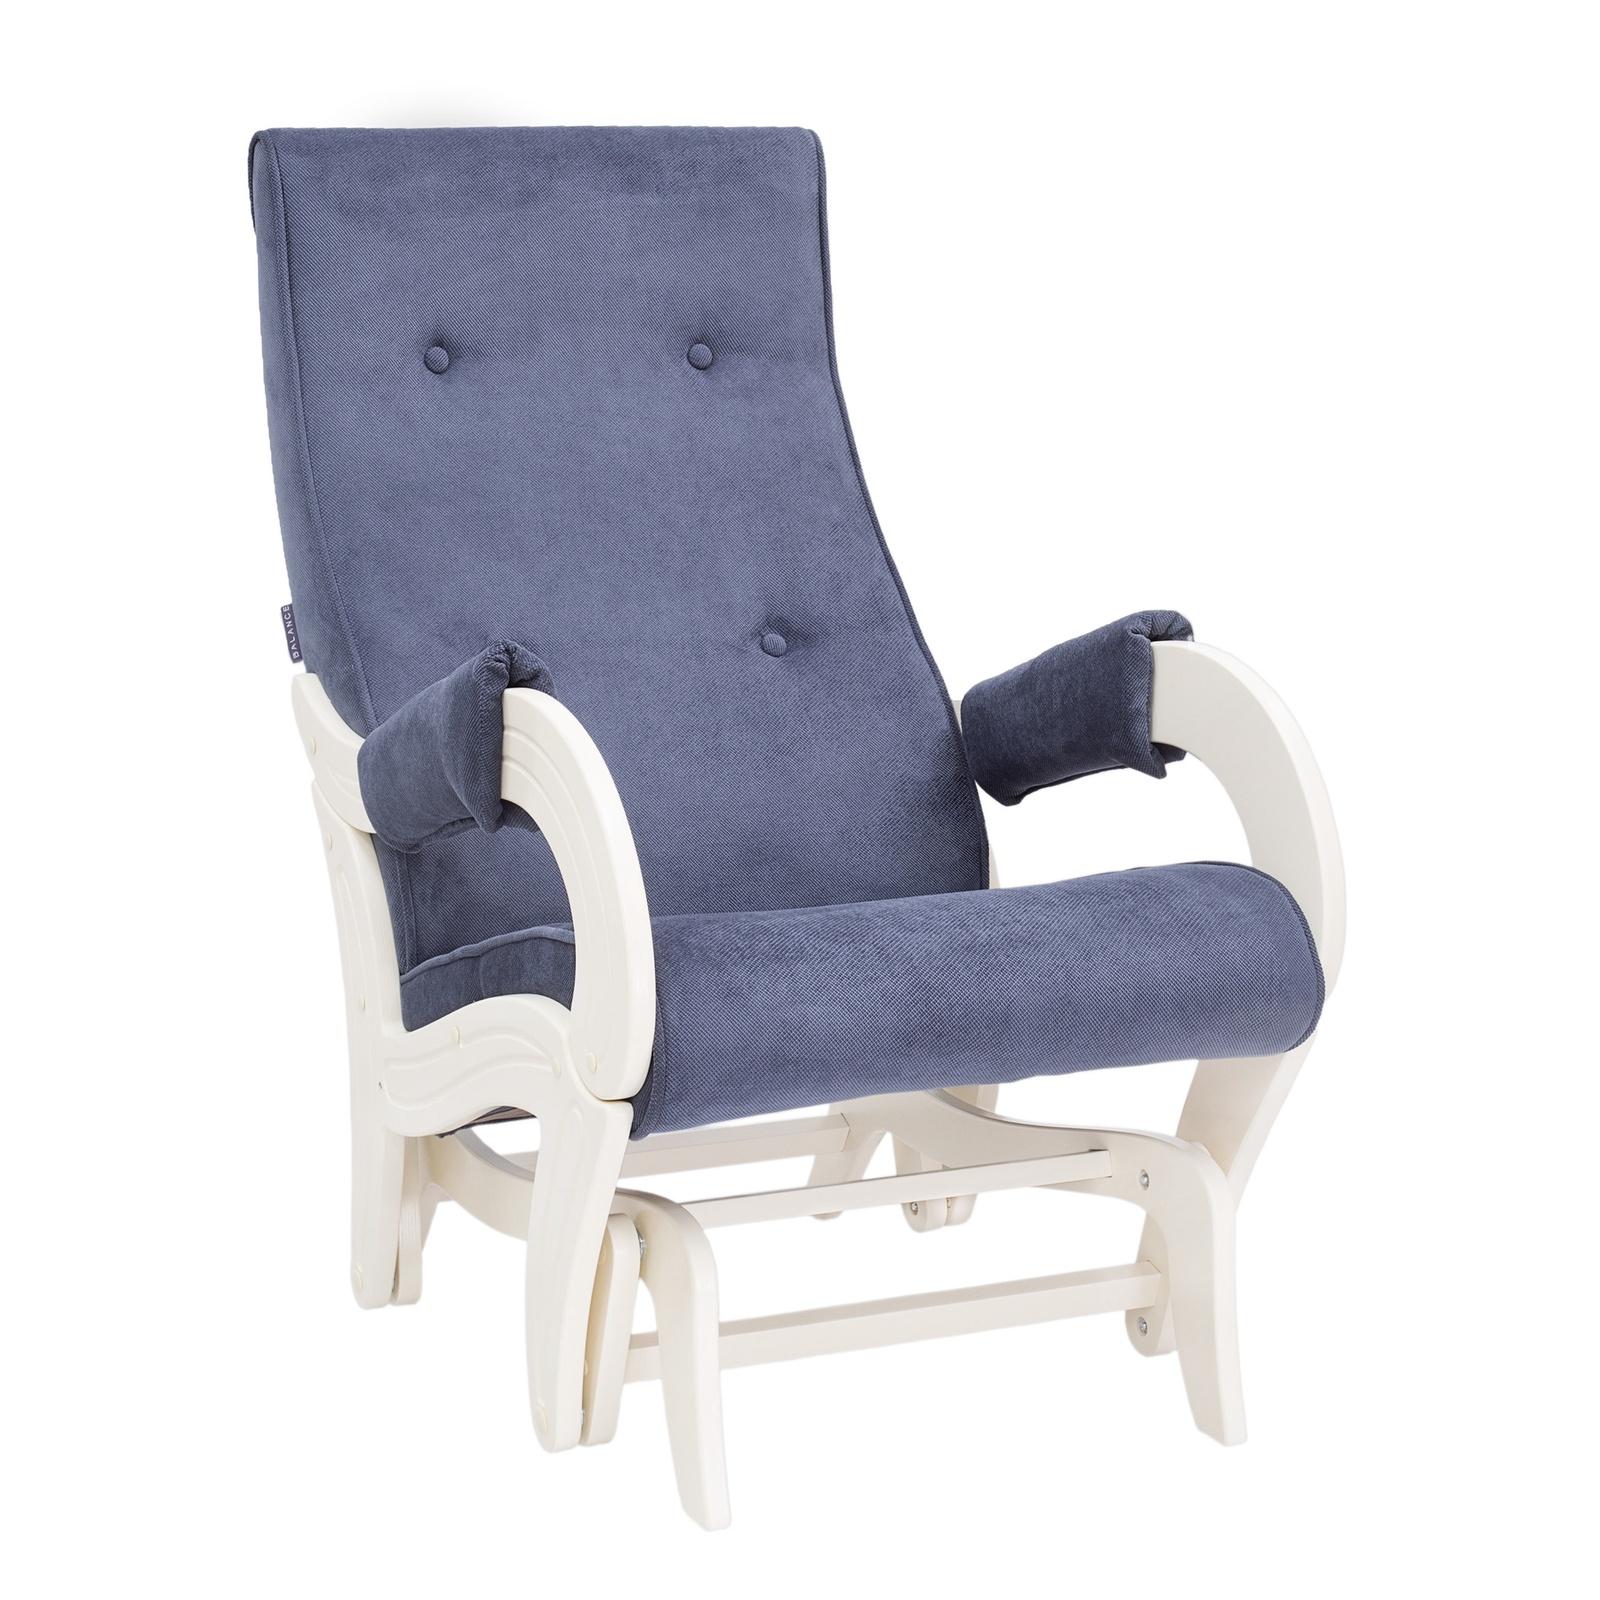 Кресло-качалка Комфорт Модель 708, синий